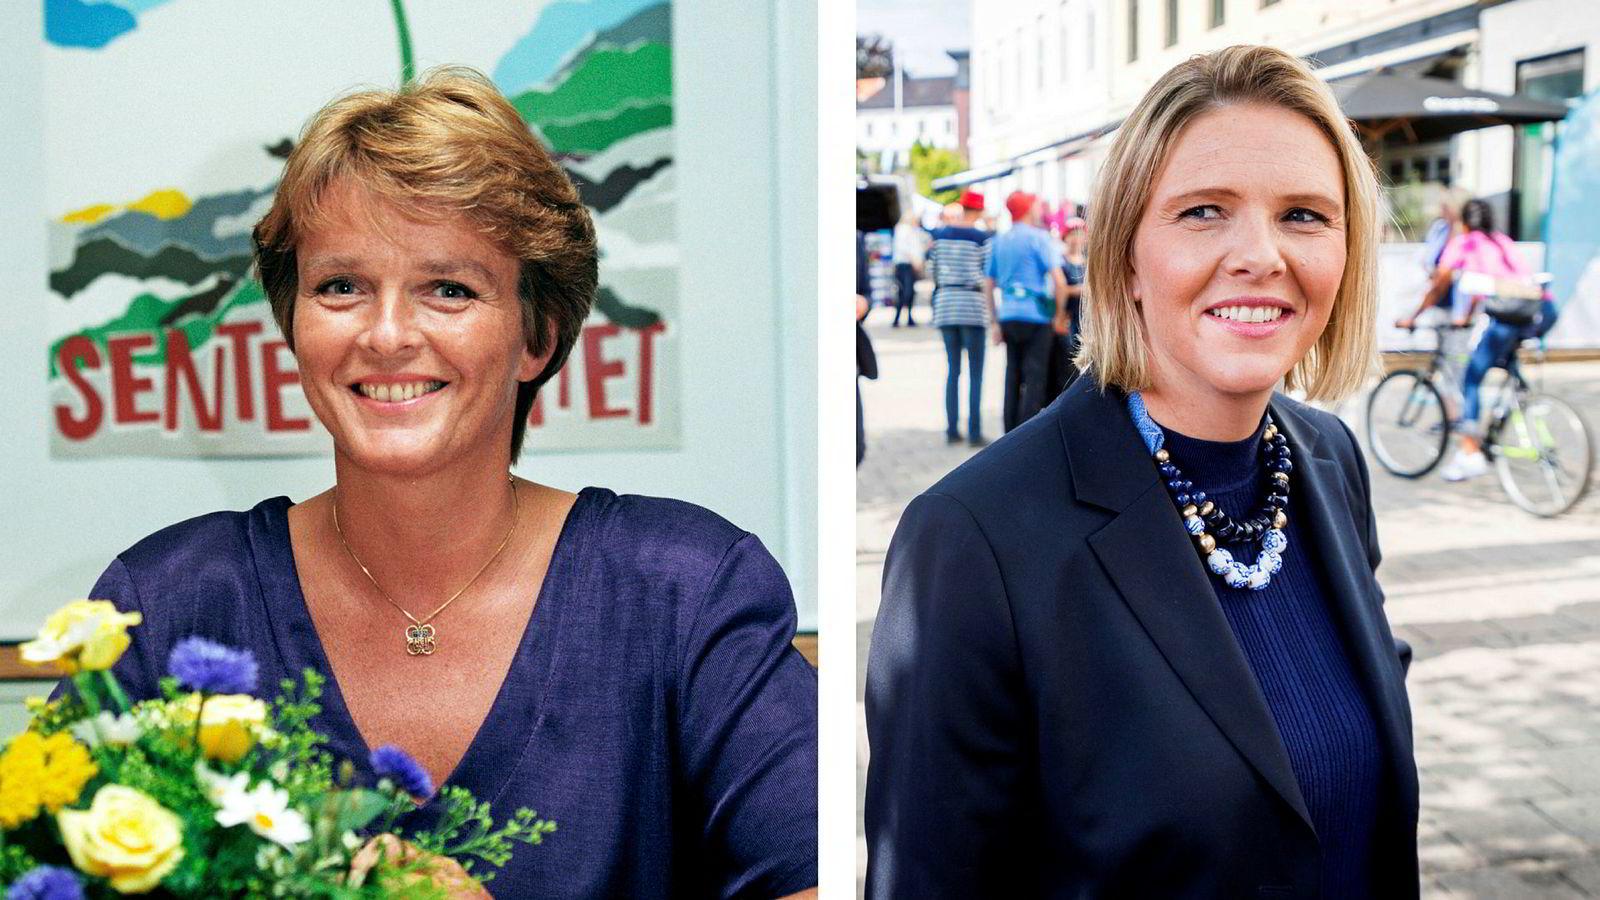 Til venstre: Nei-dronning i 1994 Anne Enger Lahnstein (Sp). Til høyre: Nei-dronning i 2018 Sylvi Listhaug (Frp).